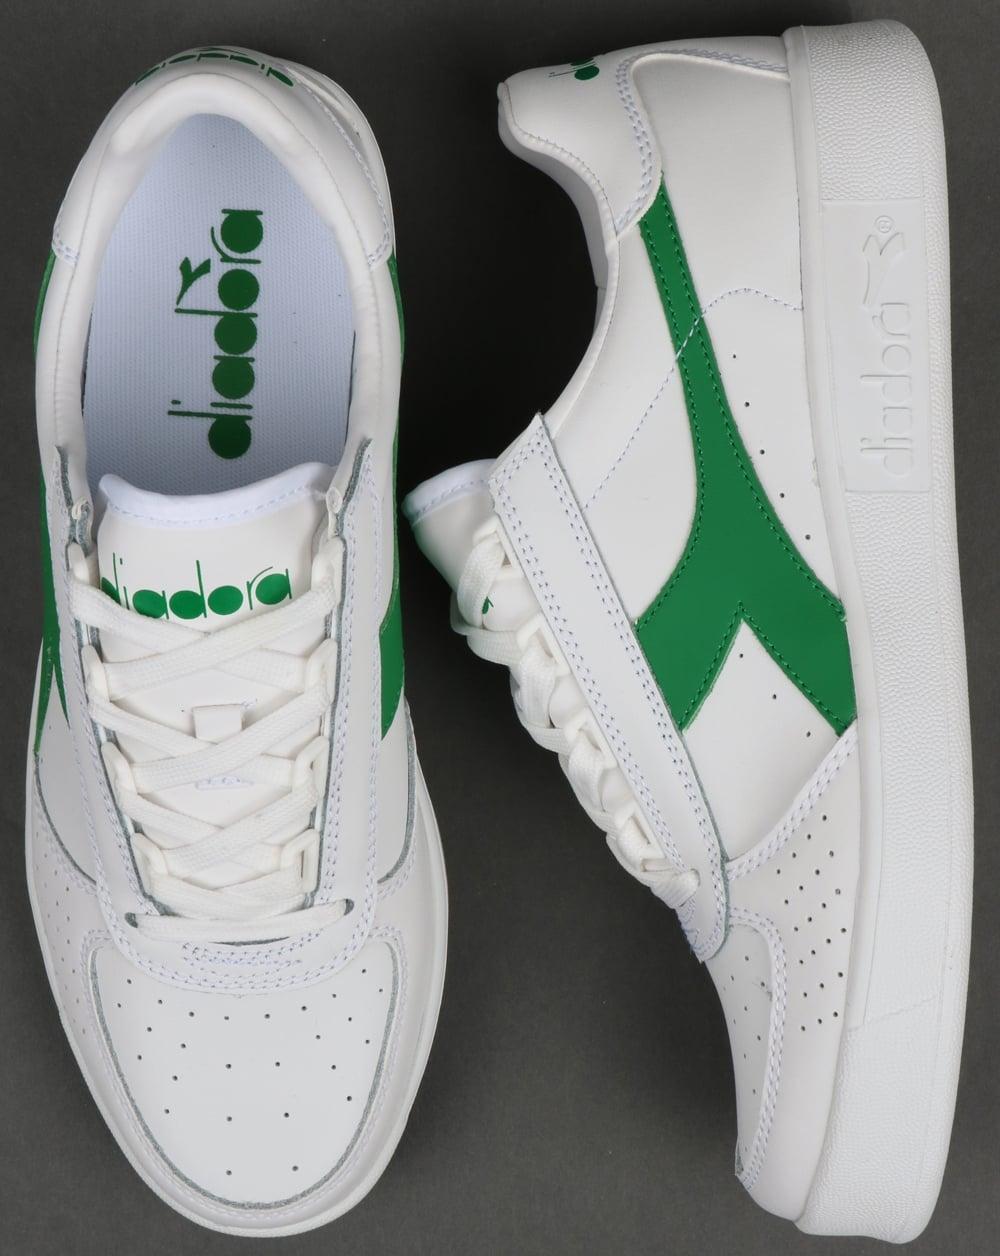 Diadora Borg Elite Trainers White/Green